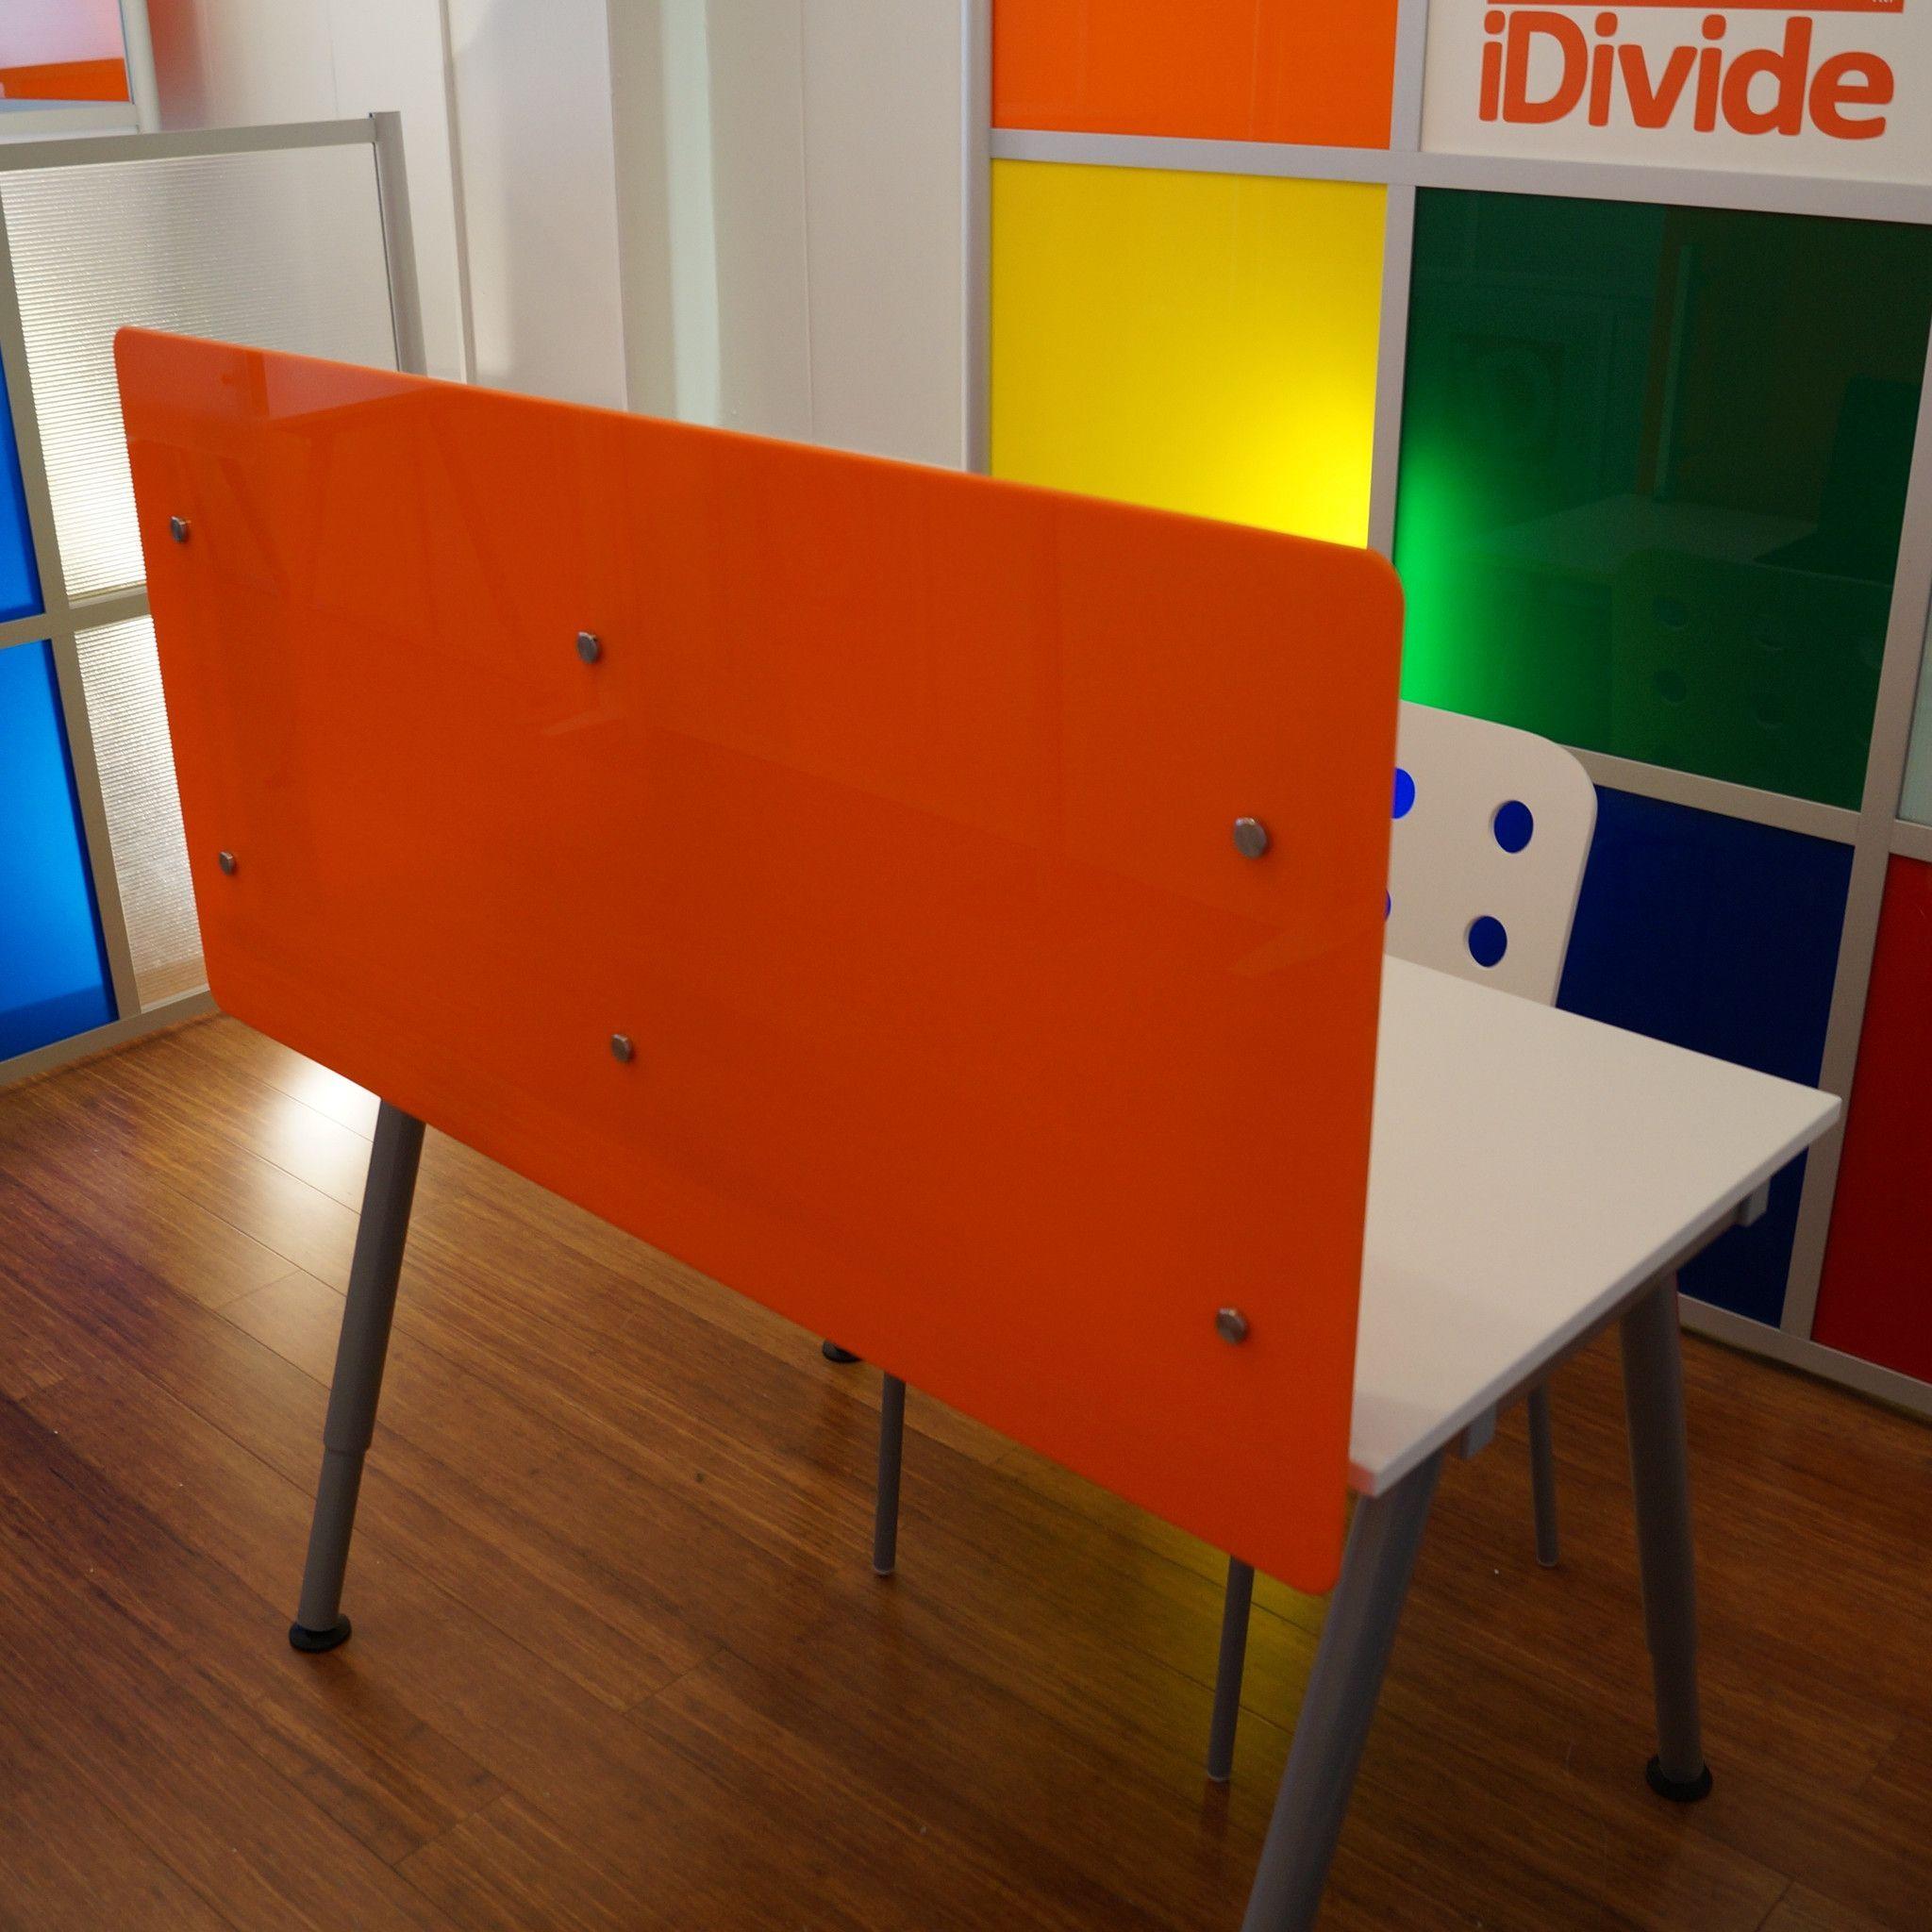 Desk Divider 47 Wide X 23 High Desktop Divider Privacy